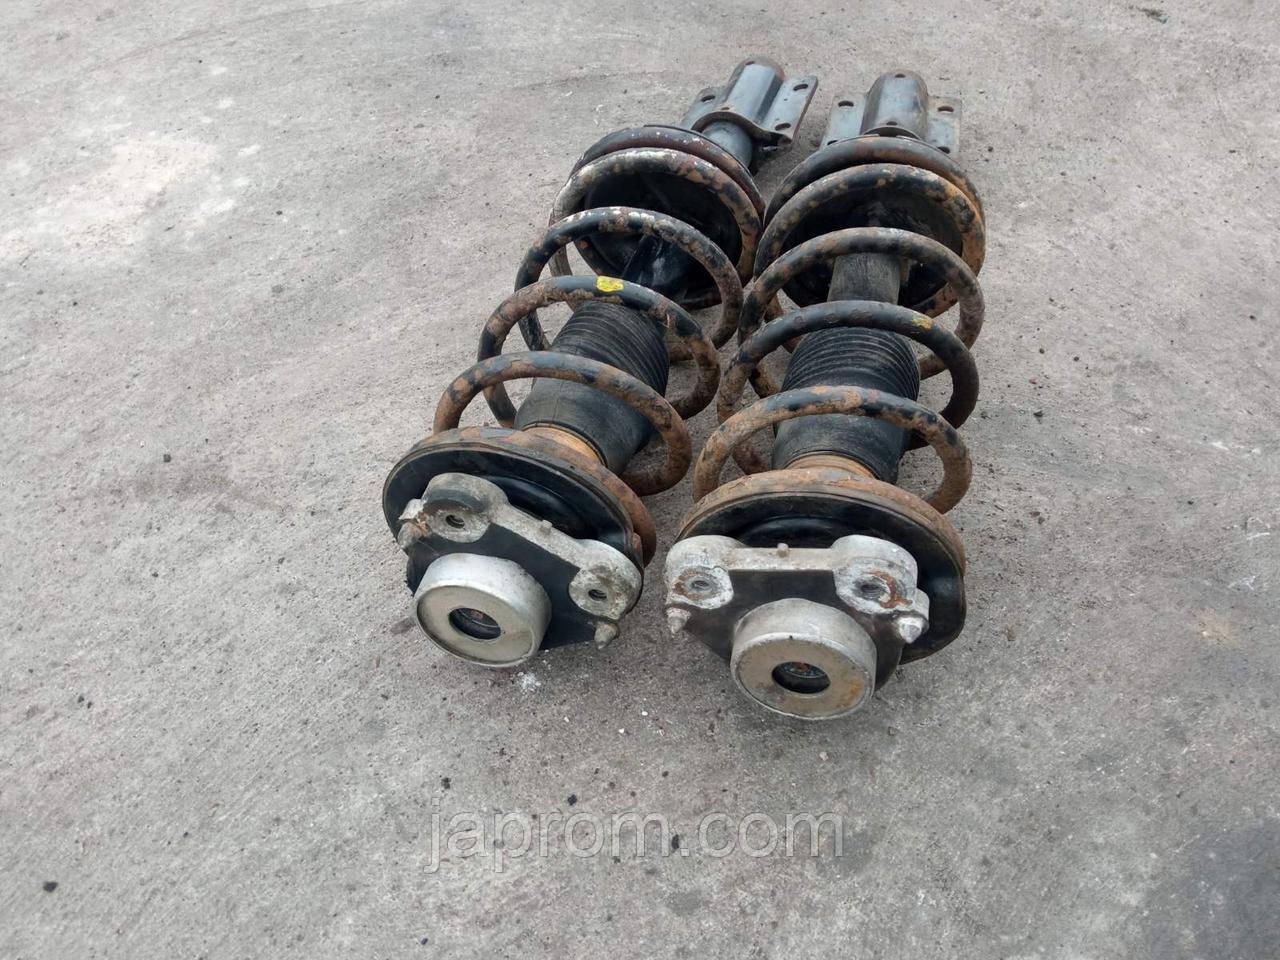 Амортизатор стойка в сборе передняя правая левая Fiat Ducato 2 Citroen Jumper Peugeot Boxer R16